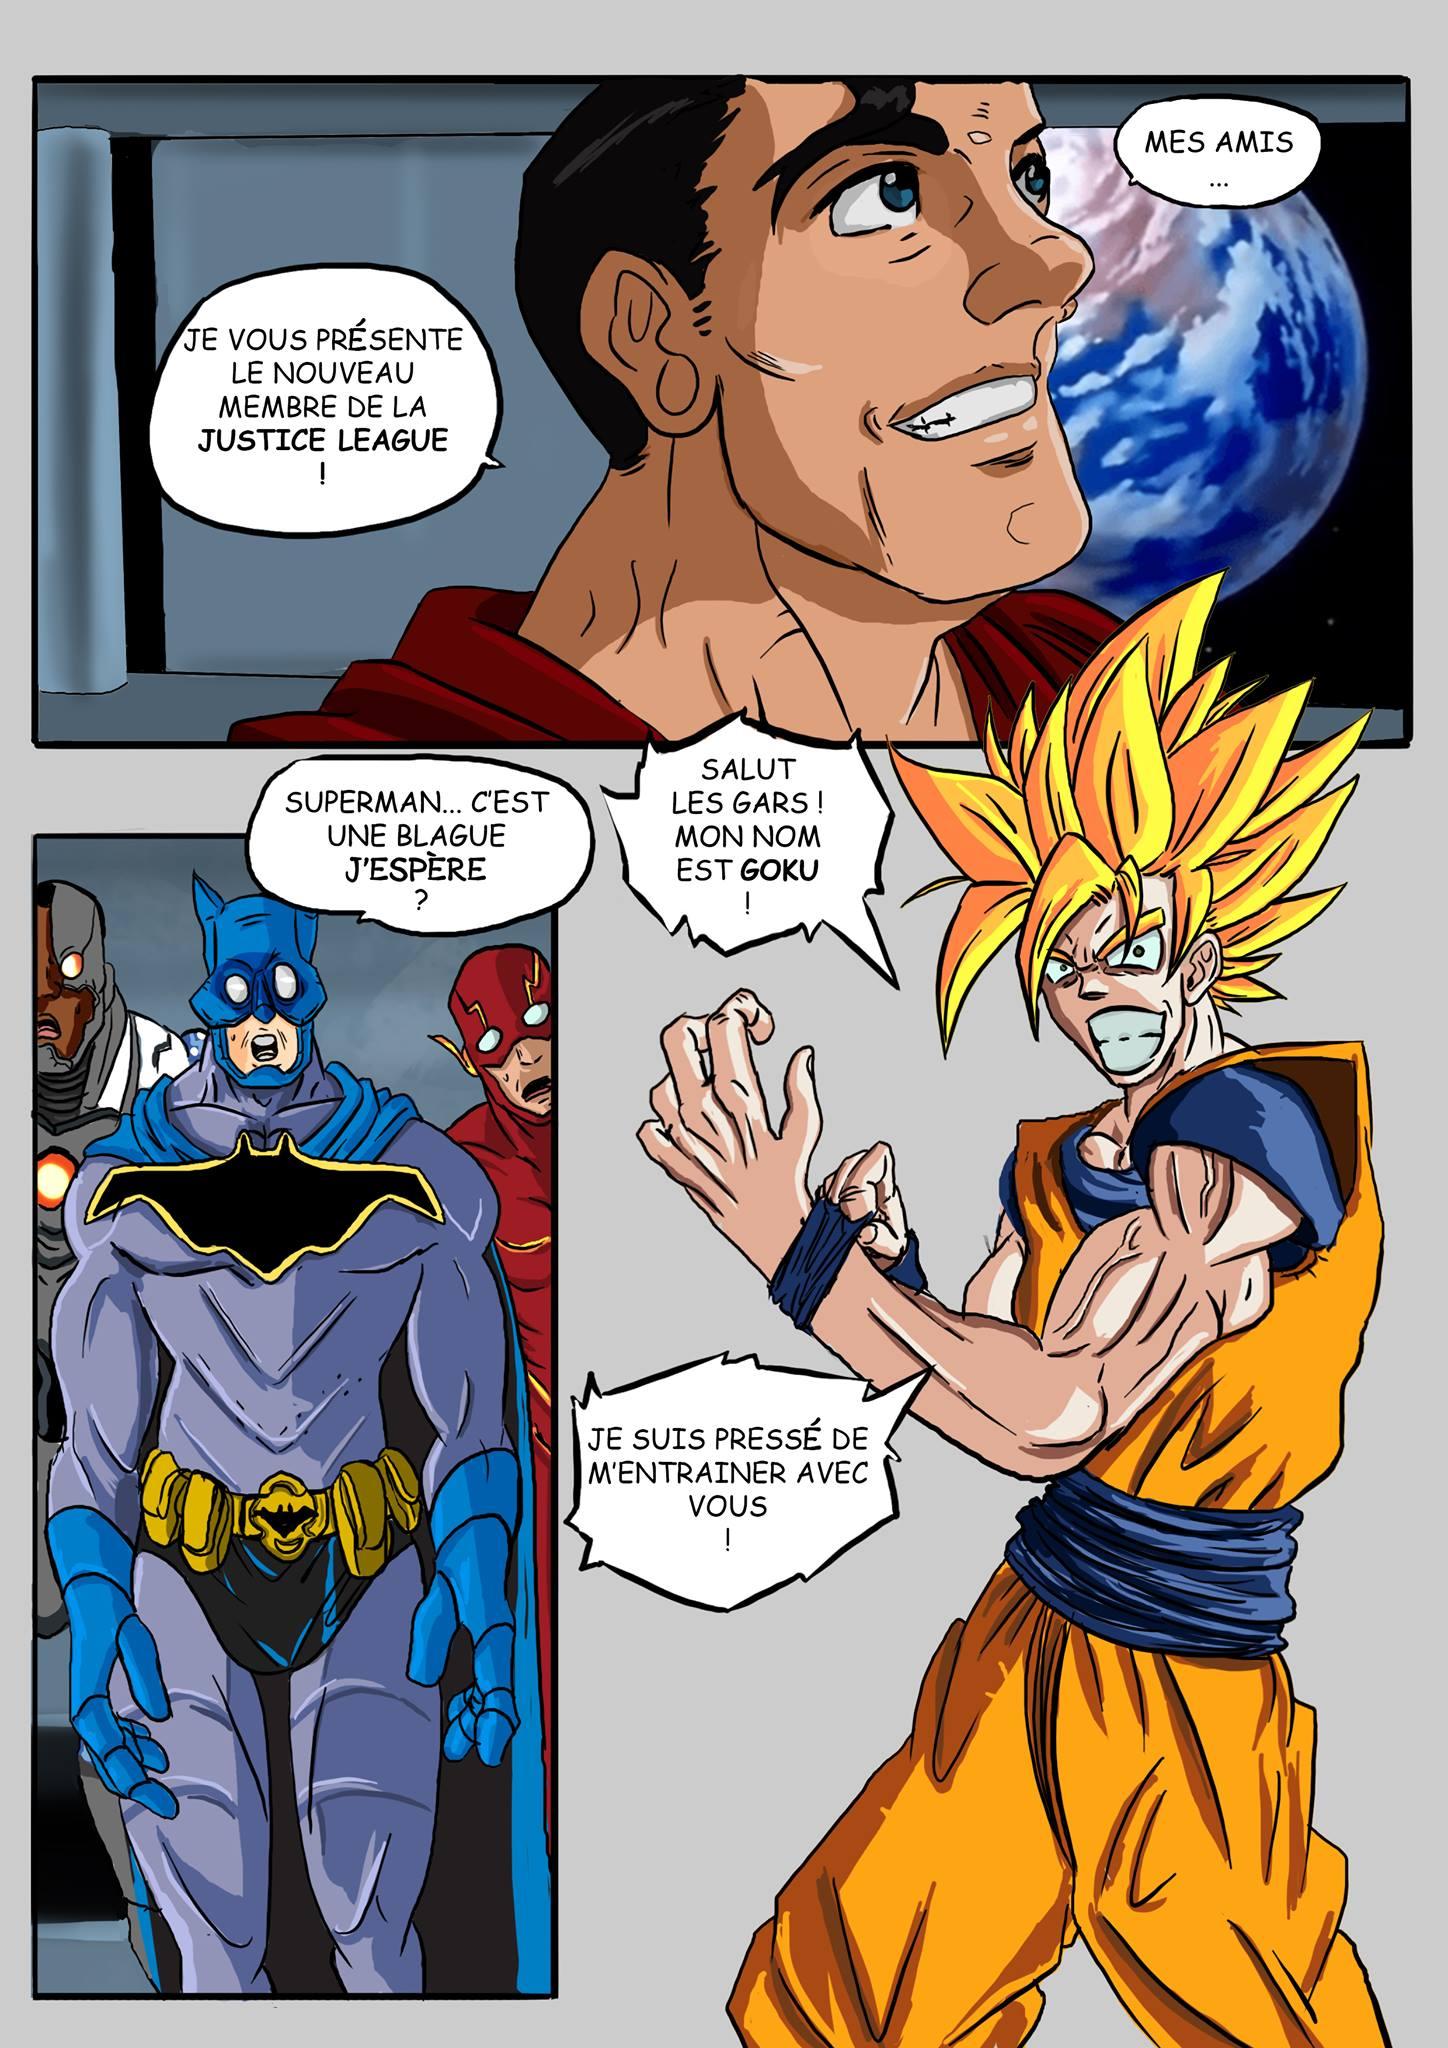 Justice league goku - 2